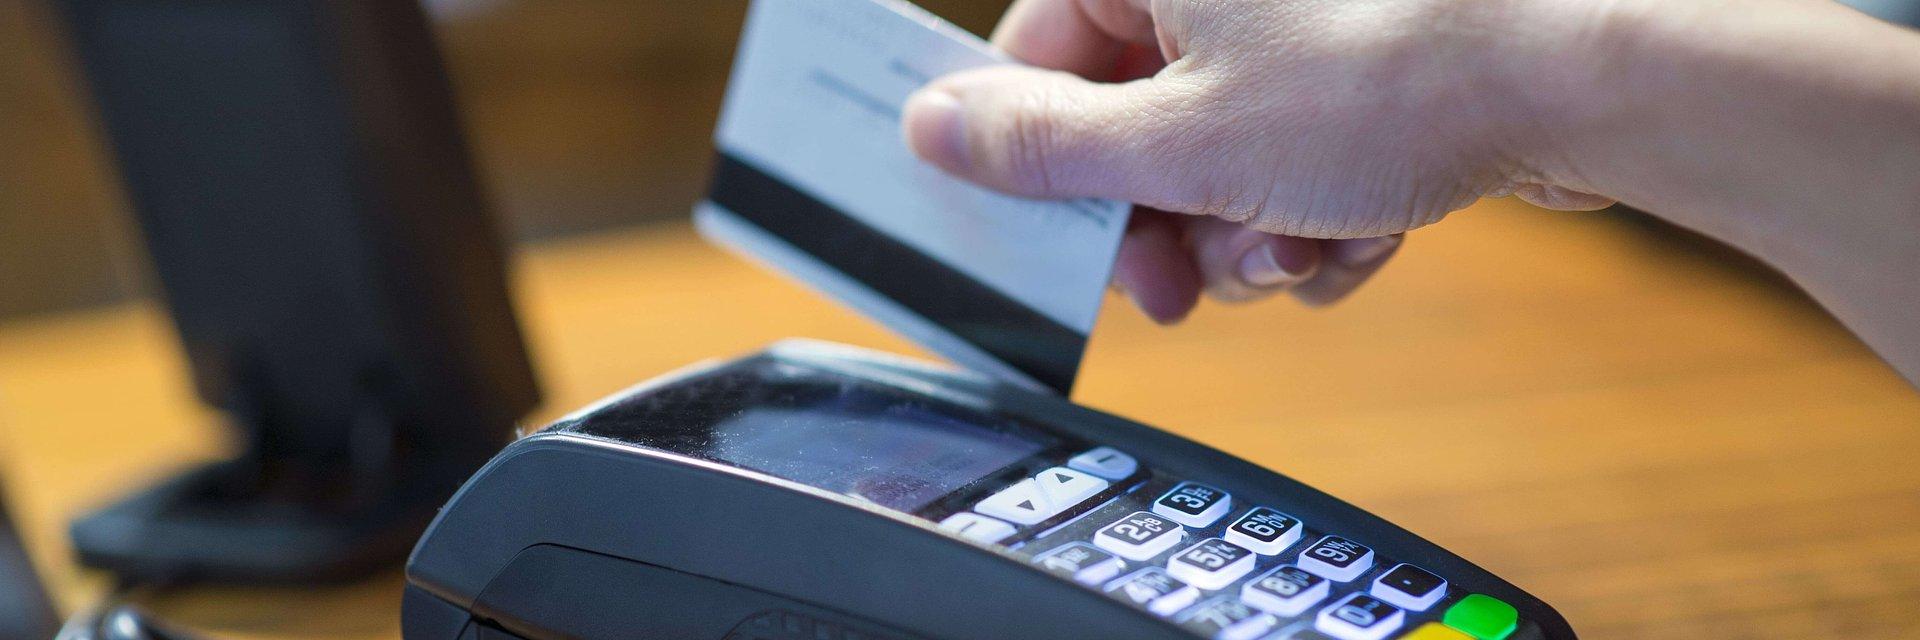 Zabezpieczenia kart płatniczych